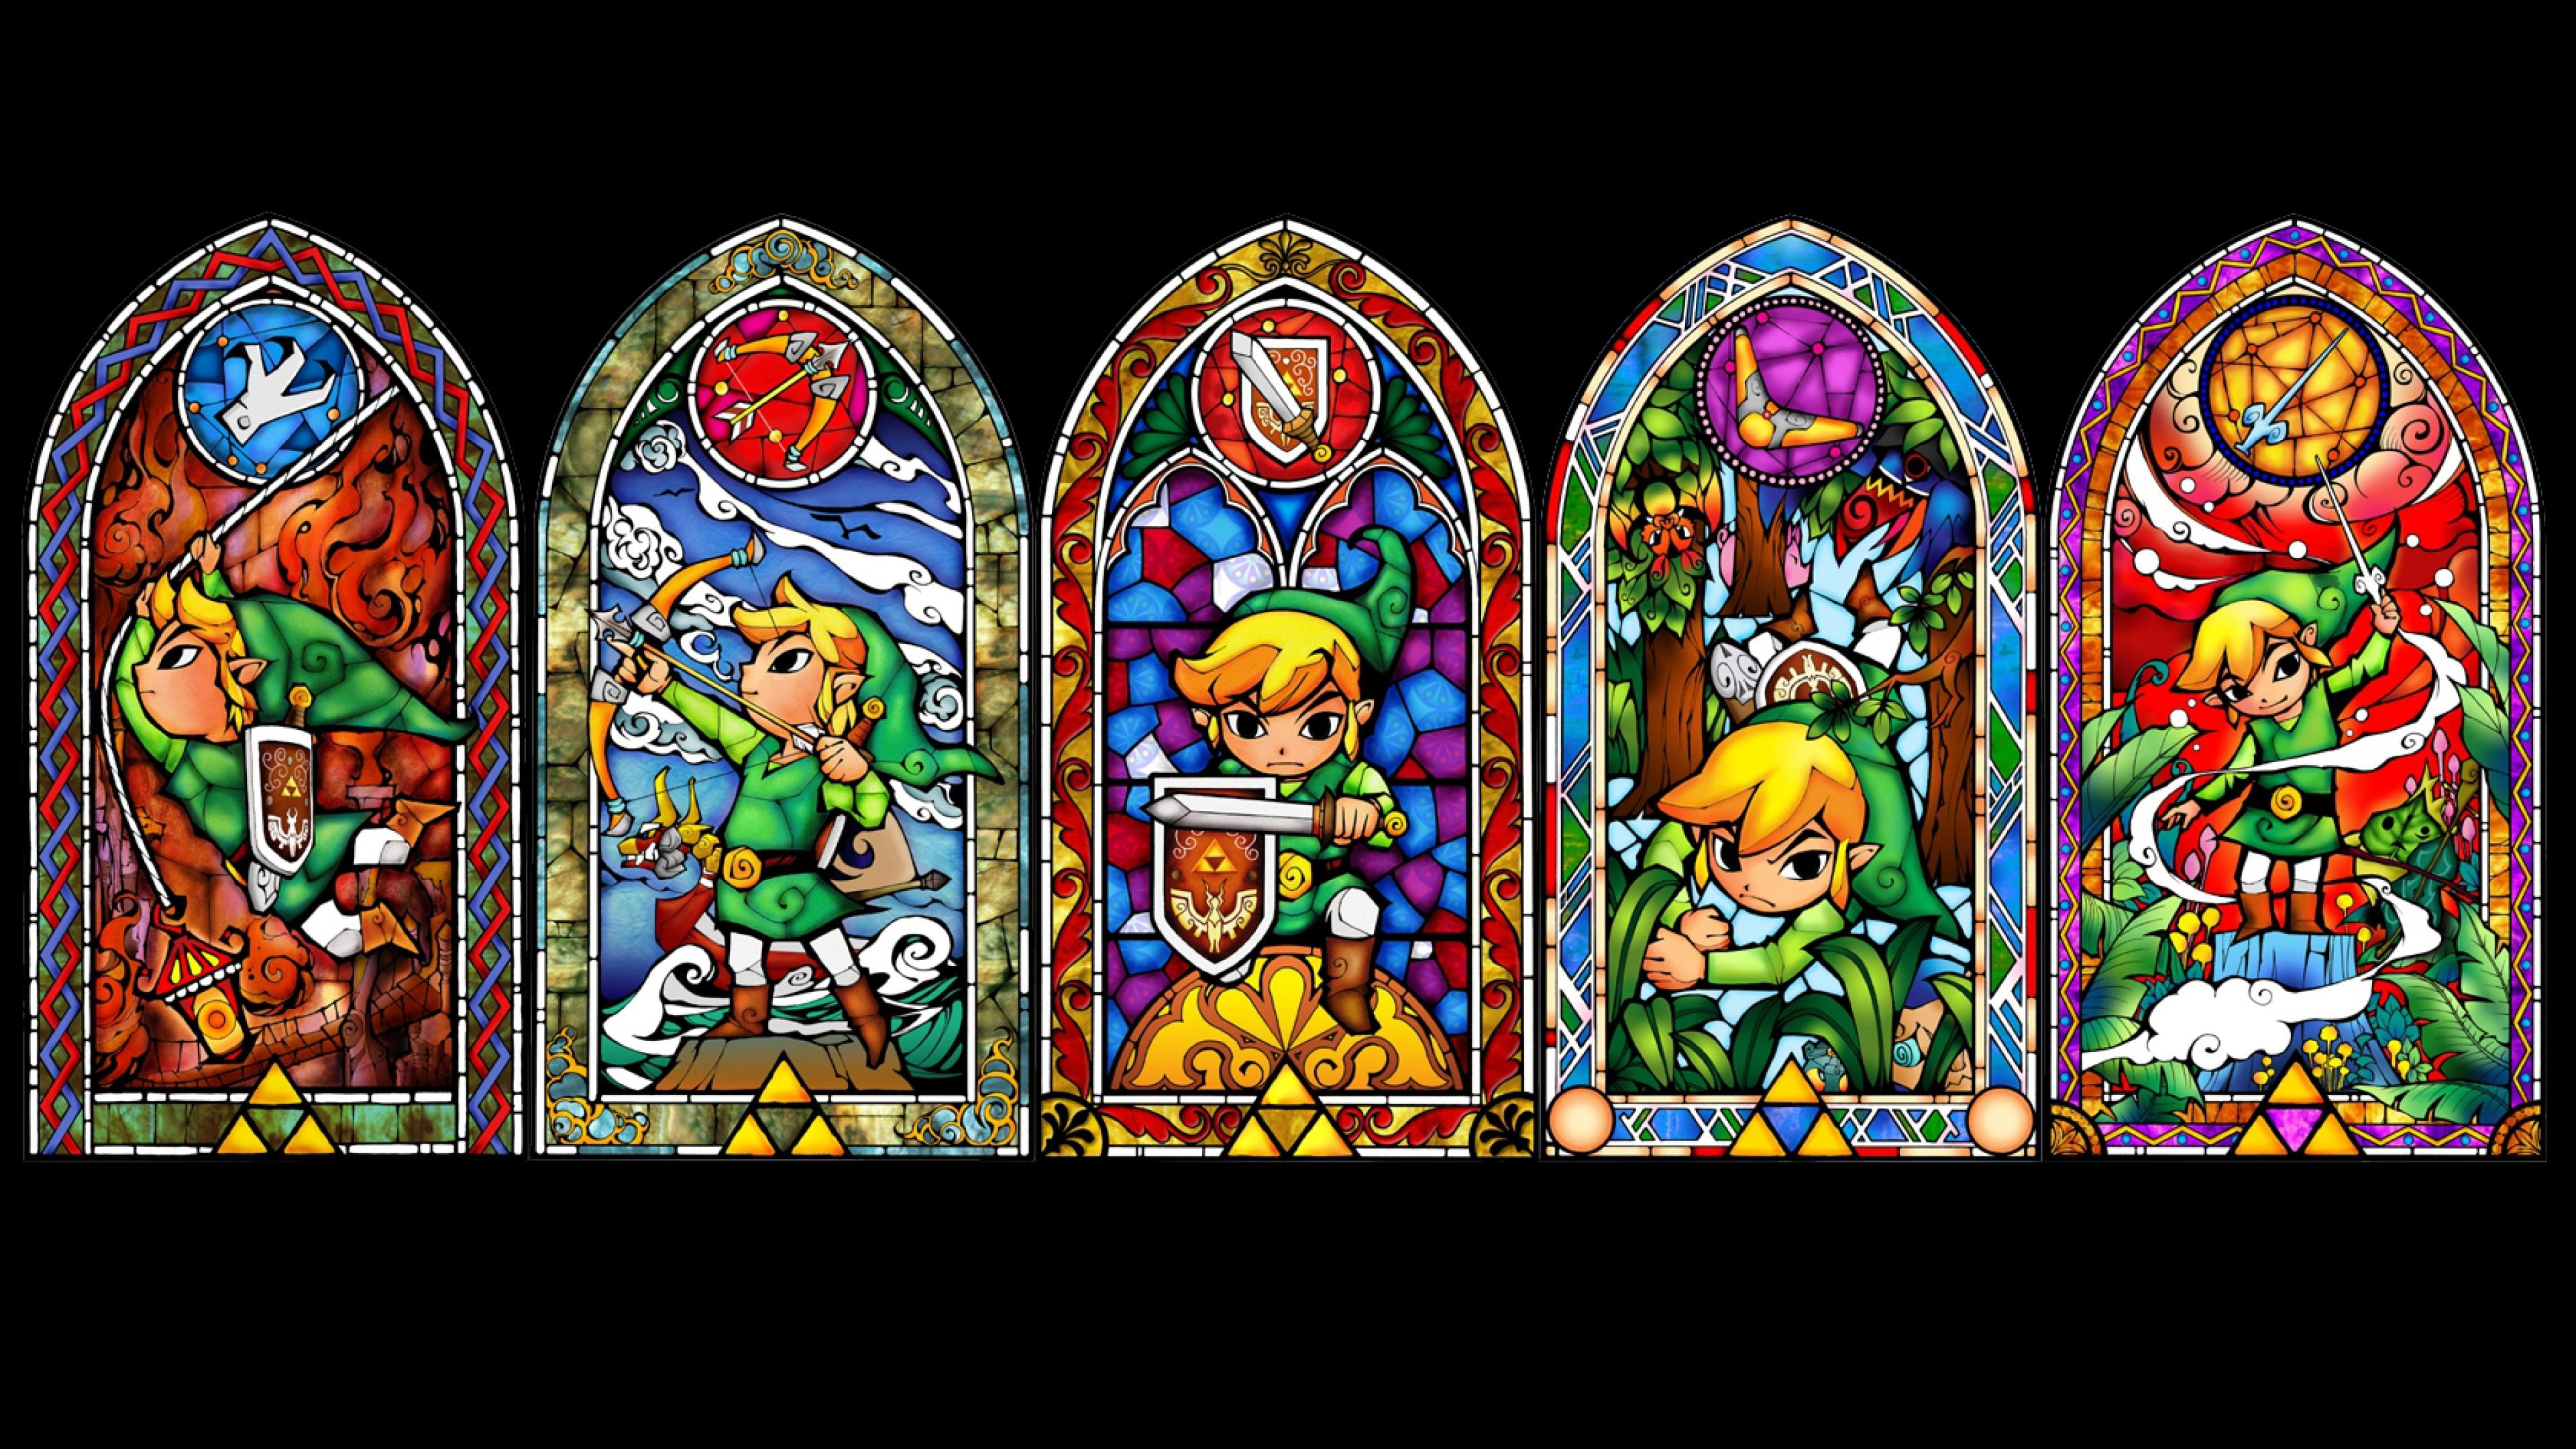 zelda Windows Elf Character Link Wallpaper Background 4K Ultra HD 3840x2160